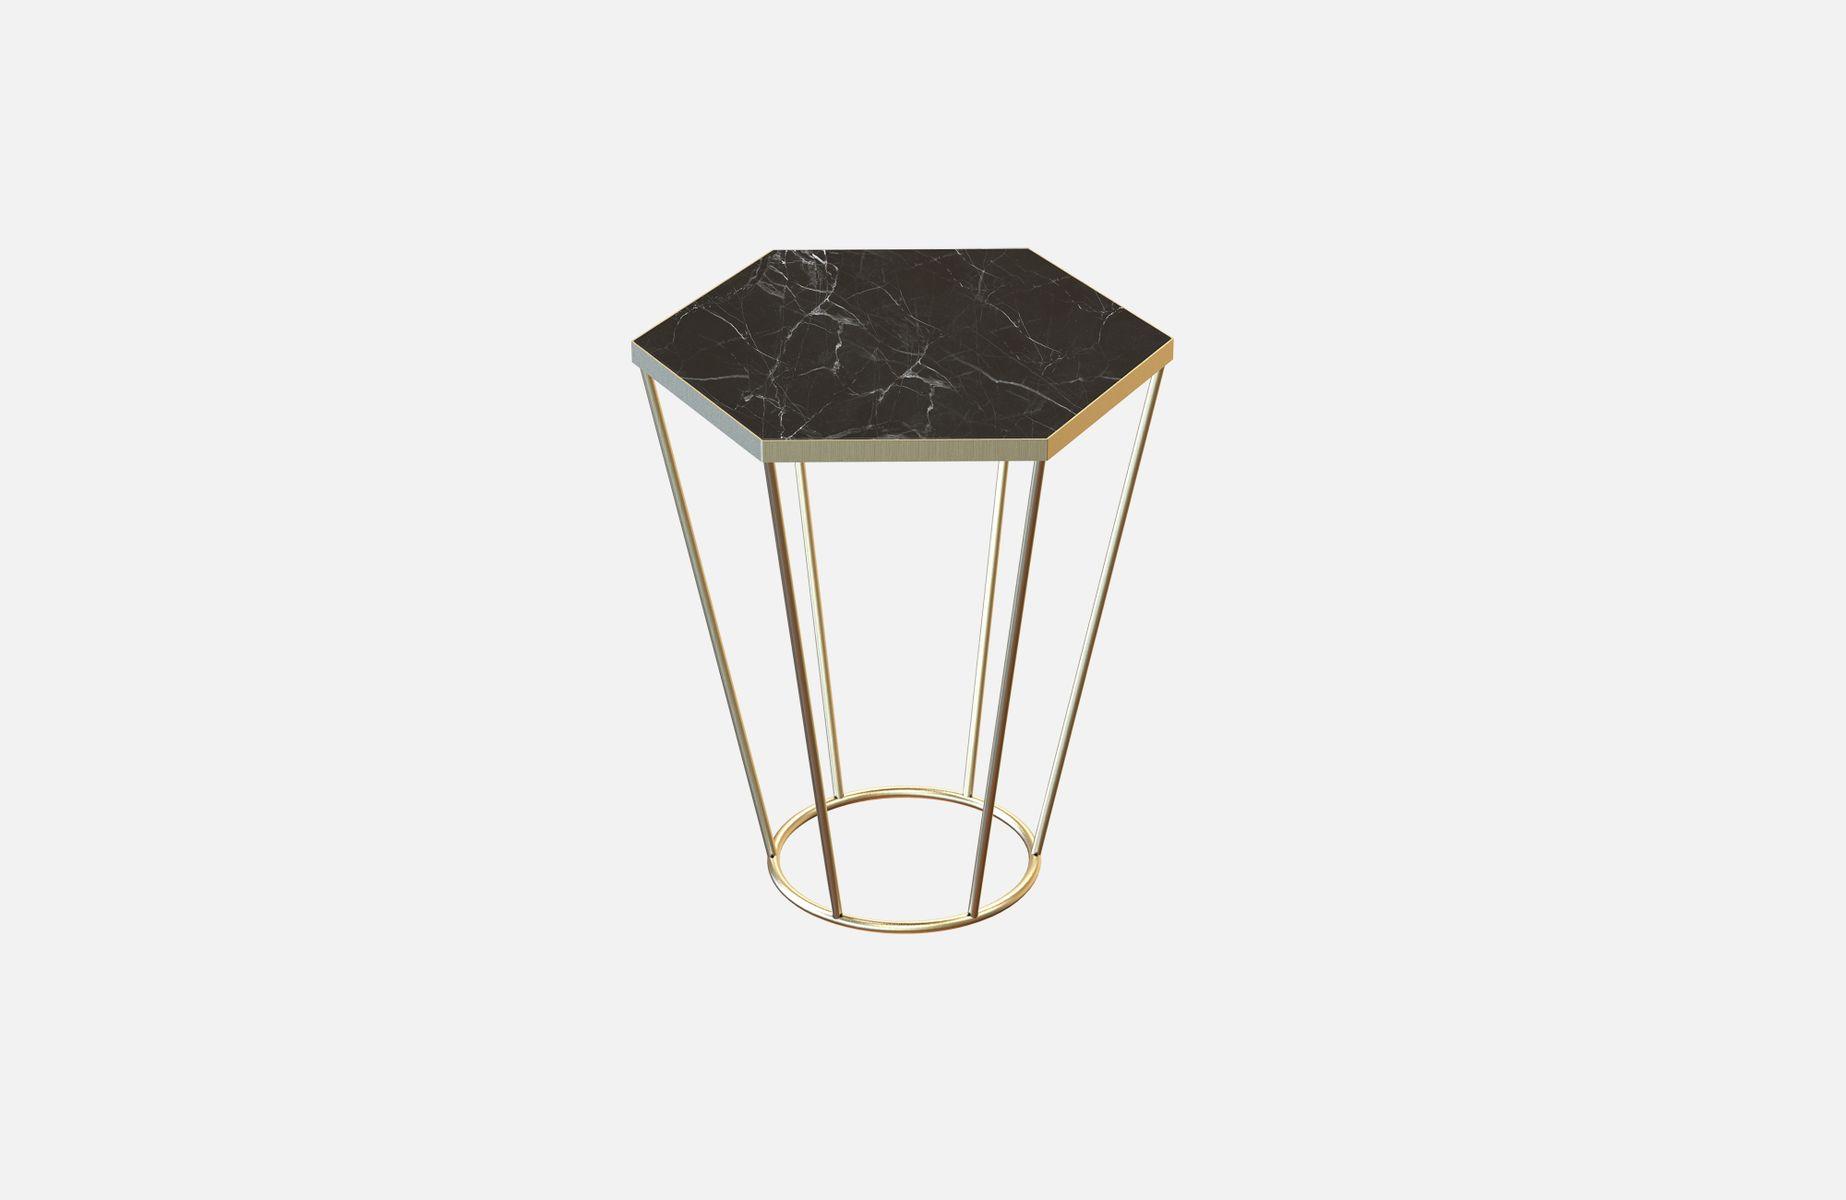 table d 39 appoint sei en laiton plaqu avec marbre noir par alex baser pour miist en vente sur pamono. Black Bedroom Furniture Sets. Home Design Ideas